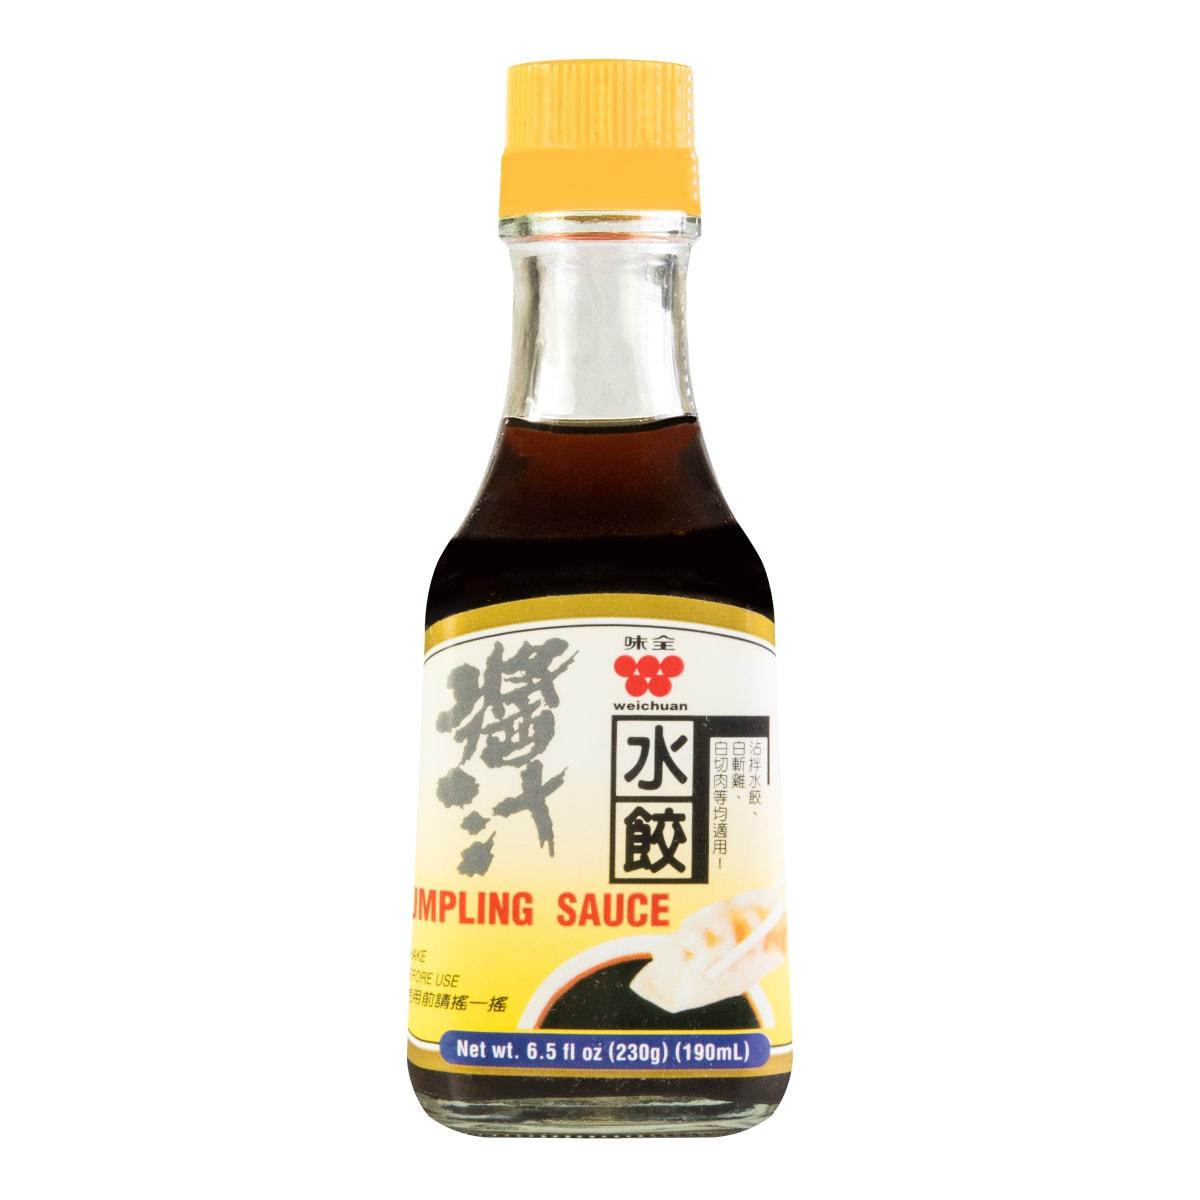 味全 水饺酱汁 原味 230g